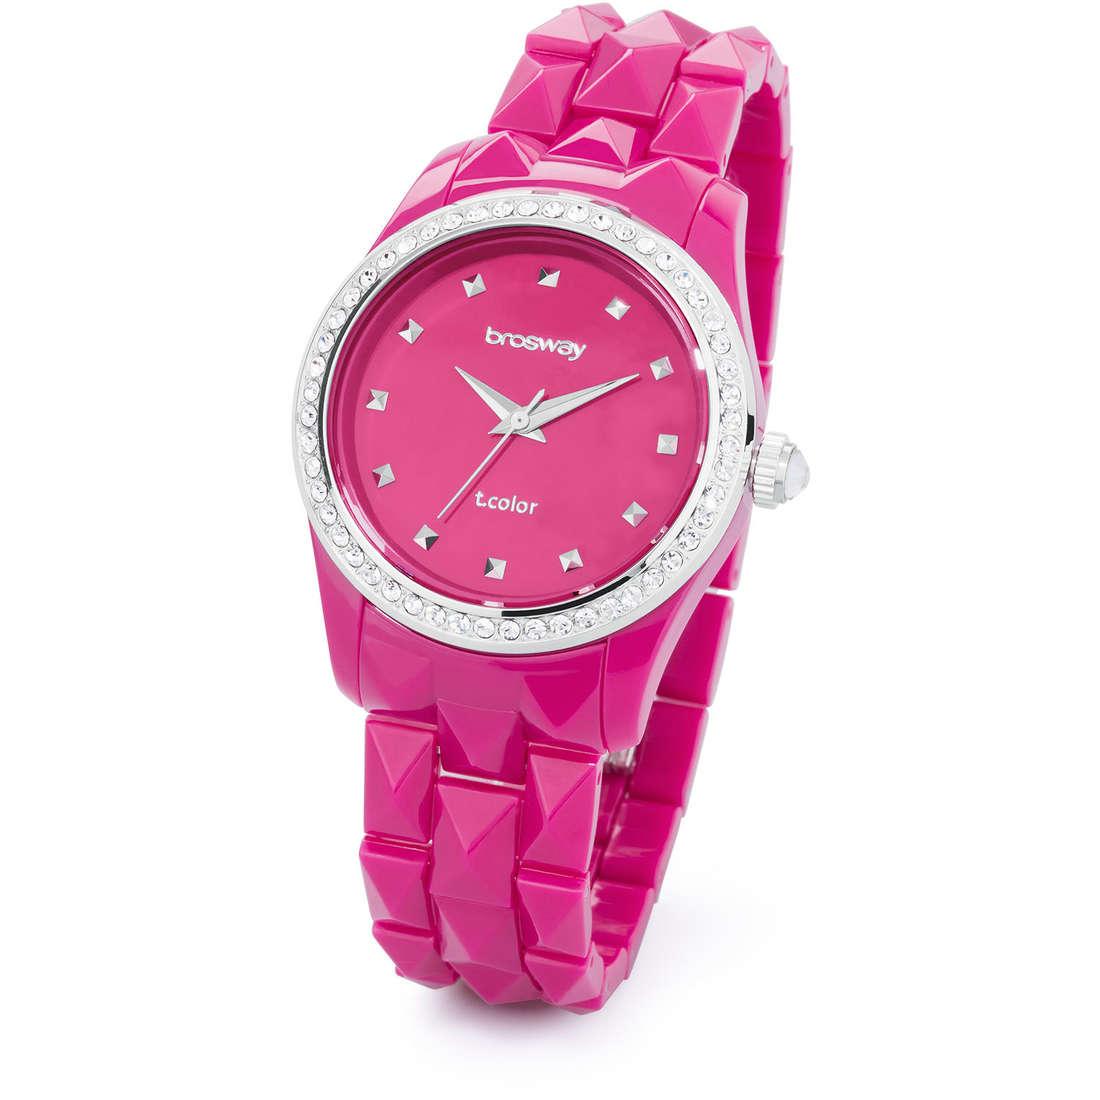 orologio solo tempo donna Brosway T-Color WTC48